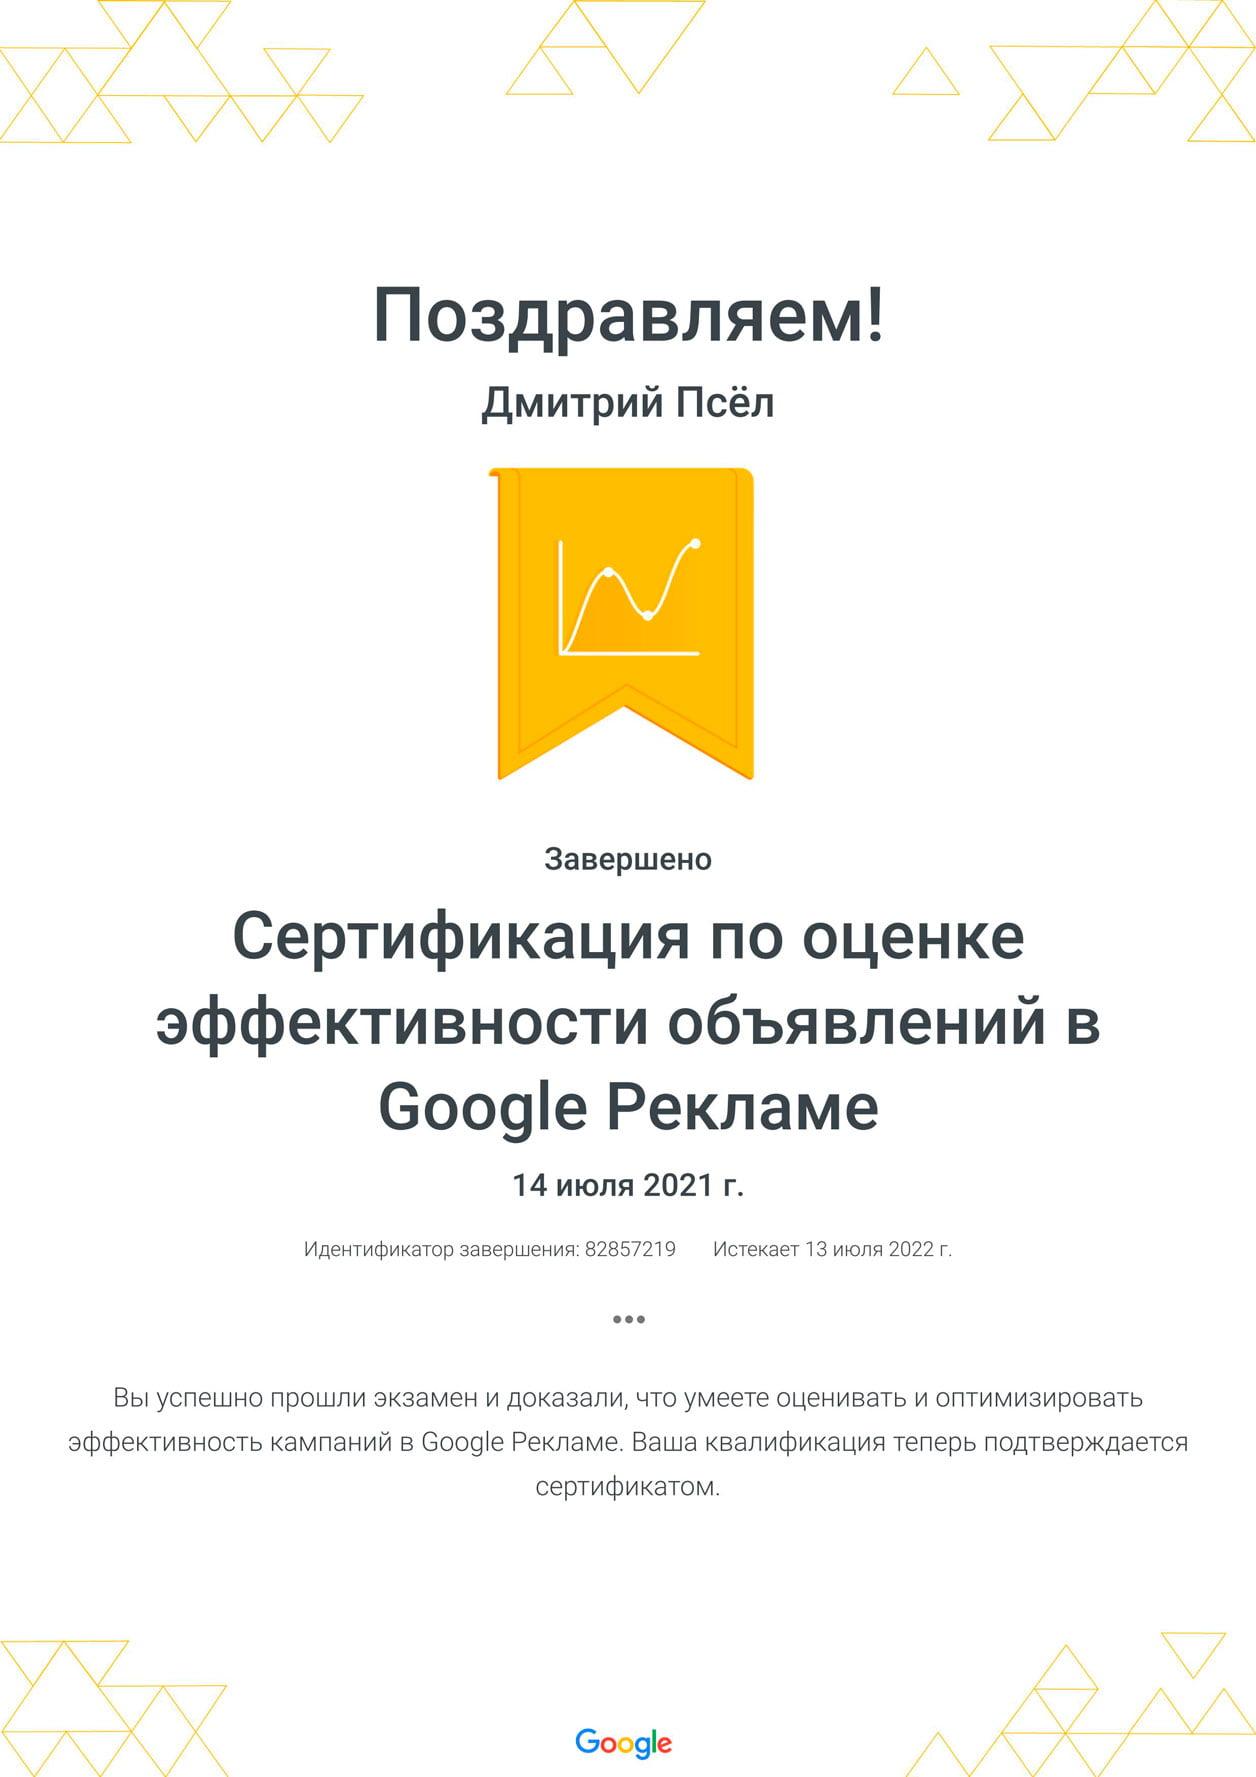 Дмитро Псьол - Сертифікат за оцінкою ефективності оголошень в Google Рекламі